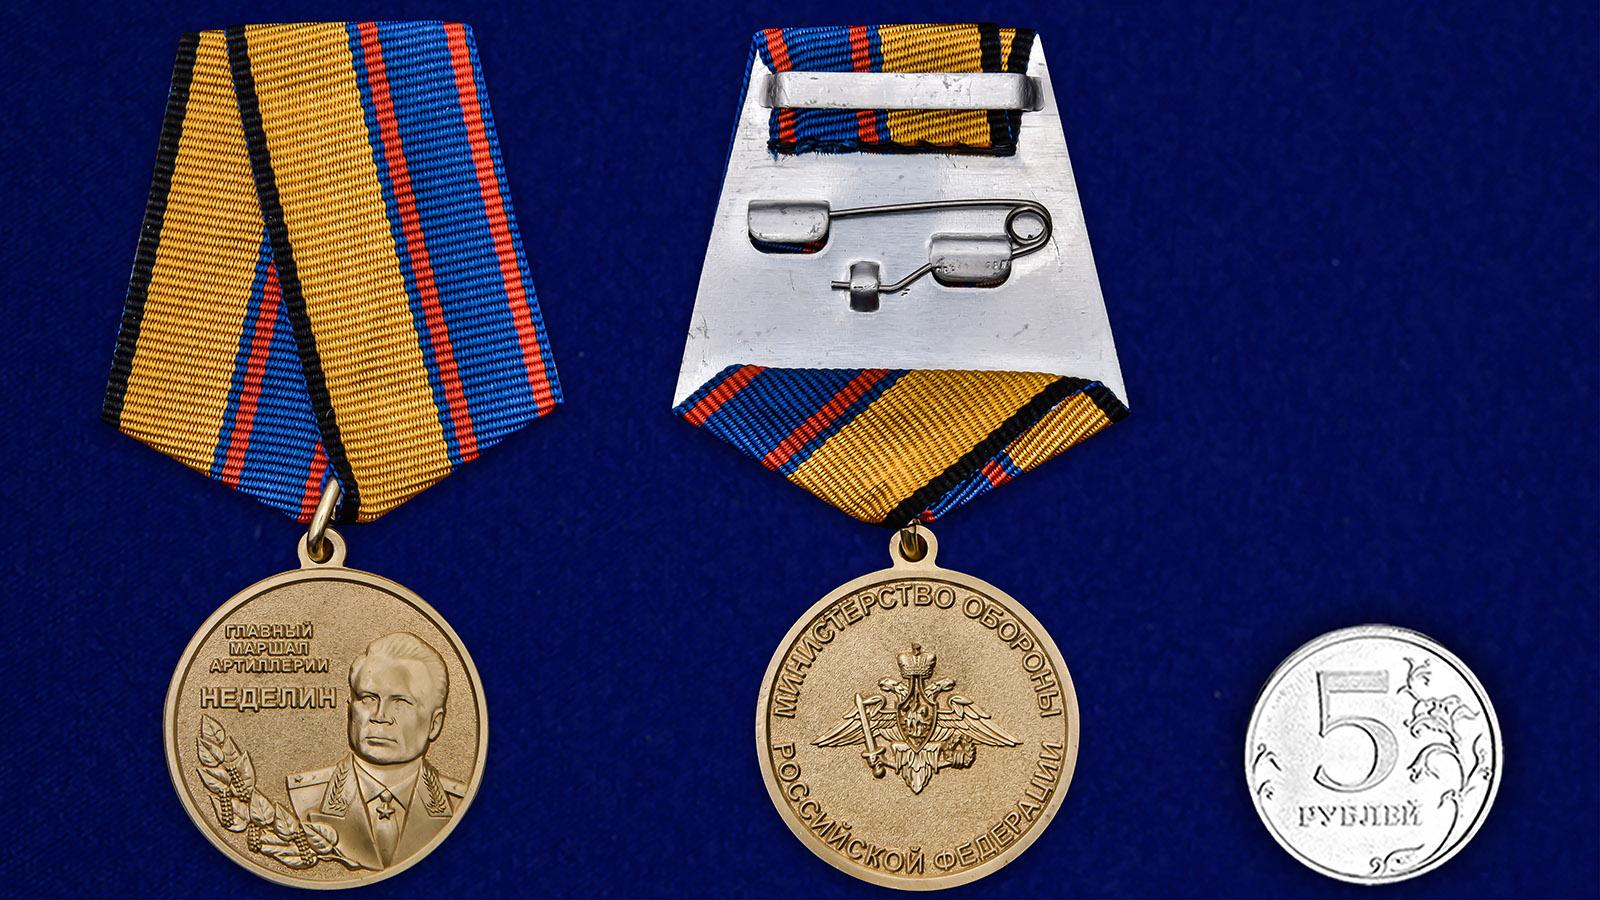 Латунная медаль Главный маршал артиллерии Неделин - сравнительный вид